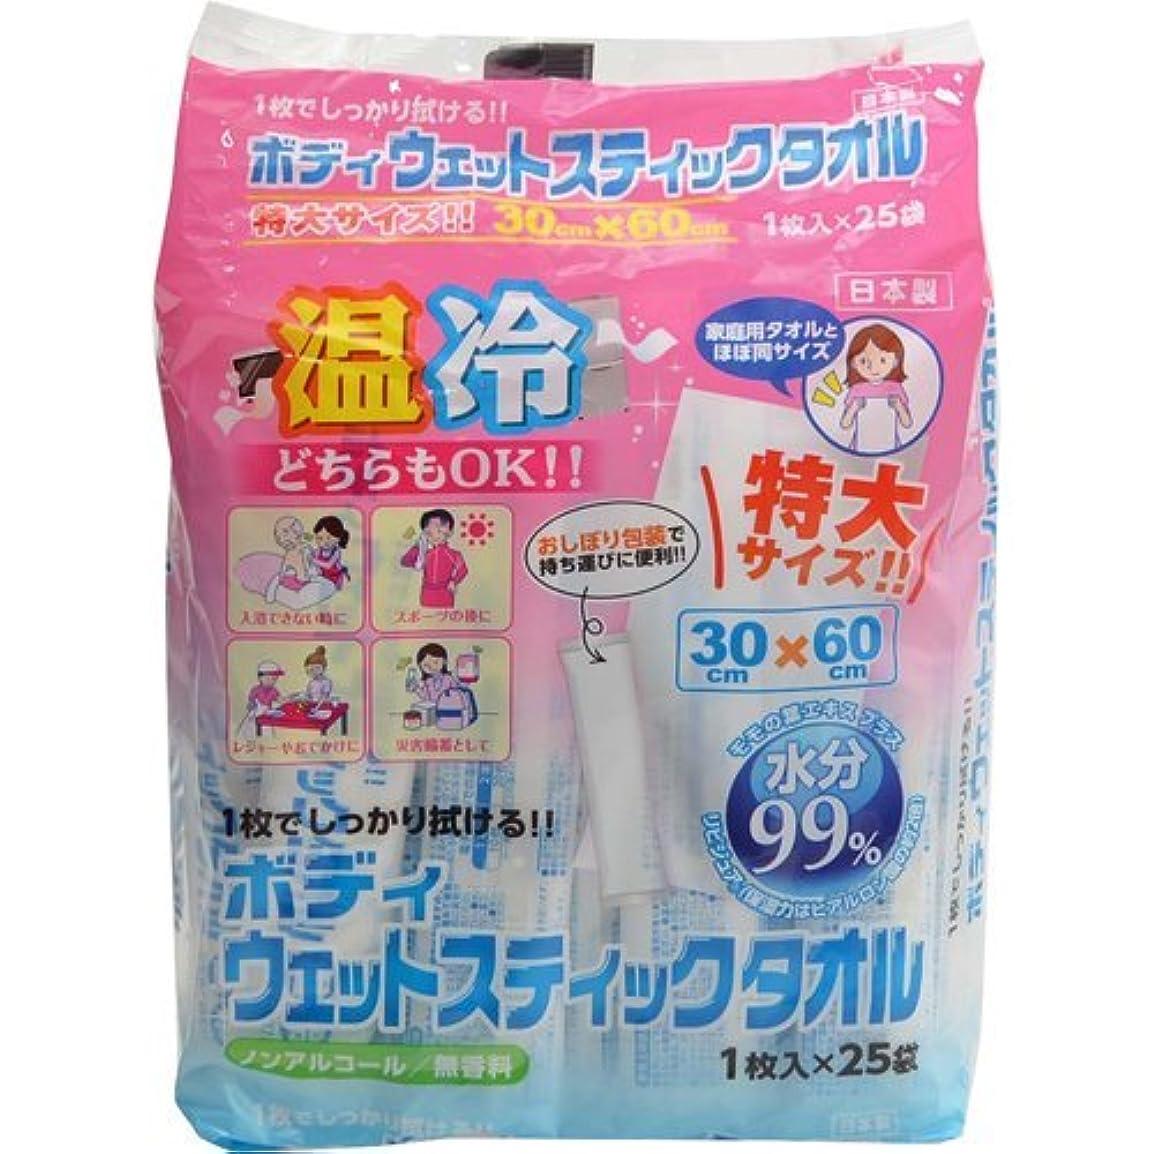 肌天使パワーボディウエットスティックタオル 特大サイズ(30cm×60cm) 1枚入×25袋